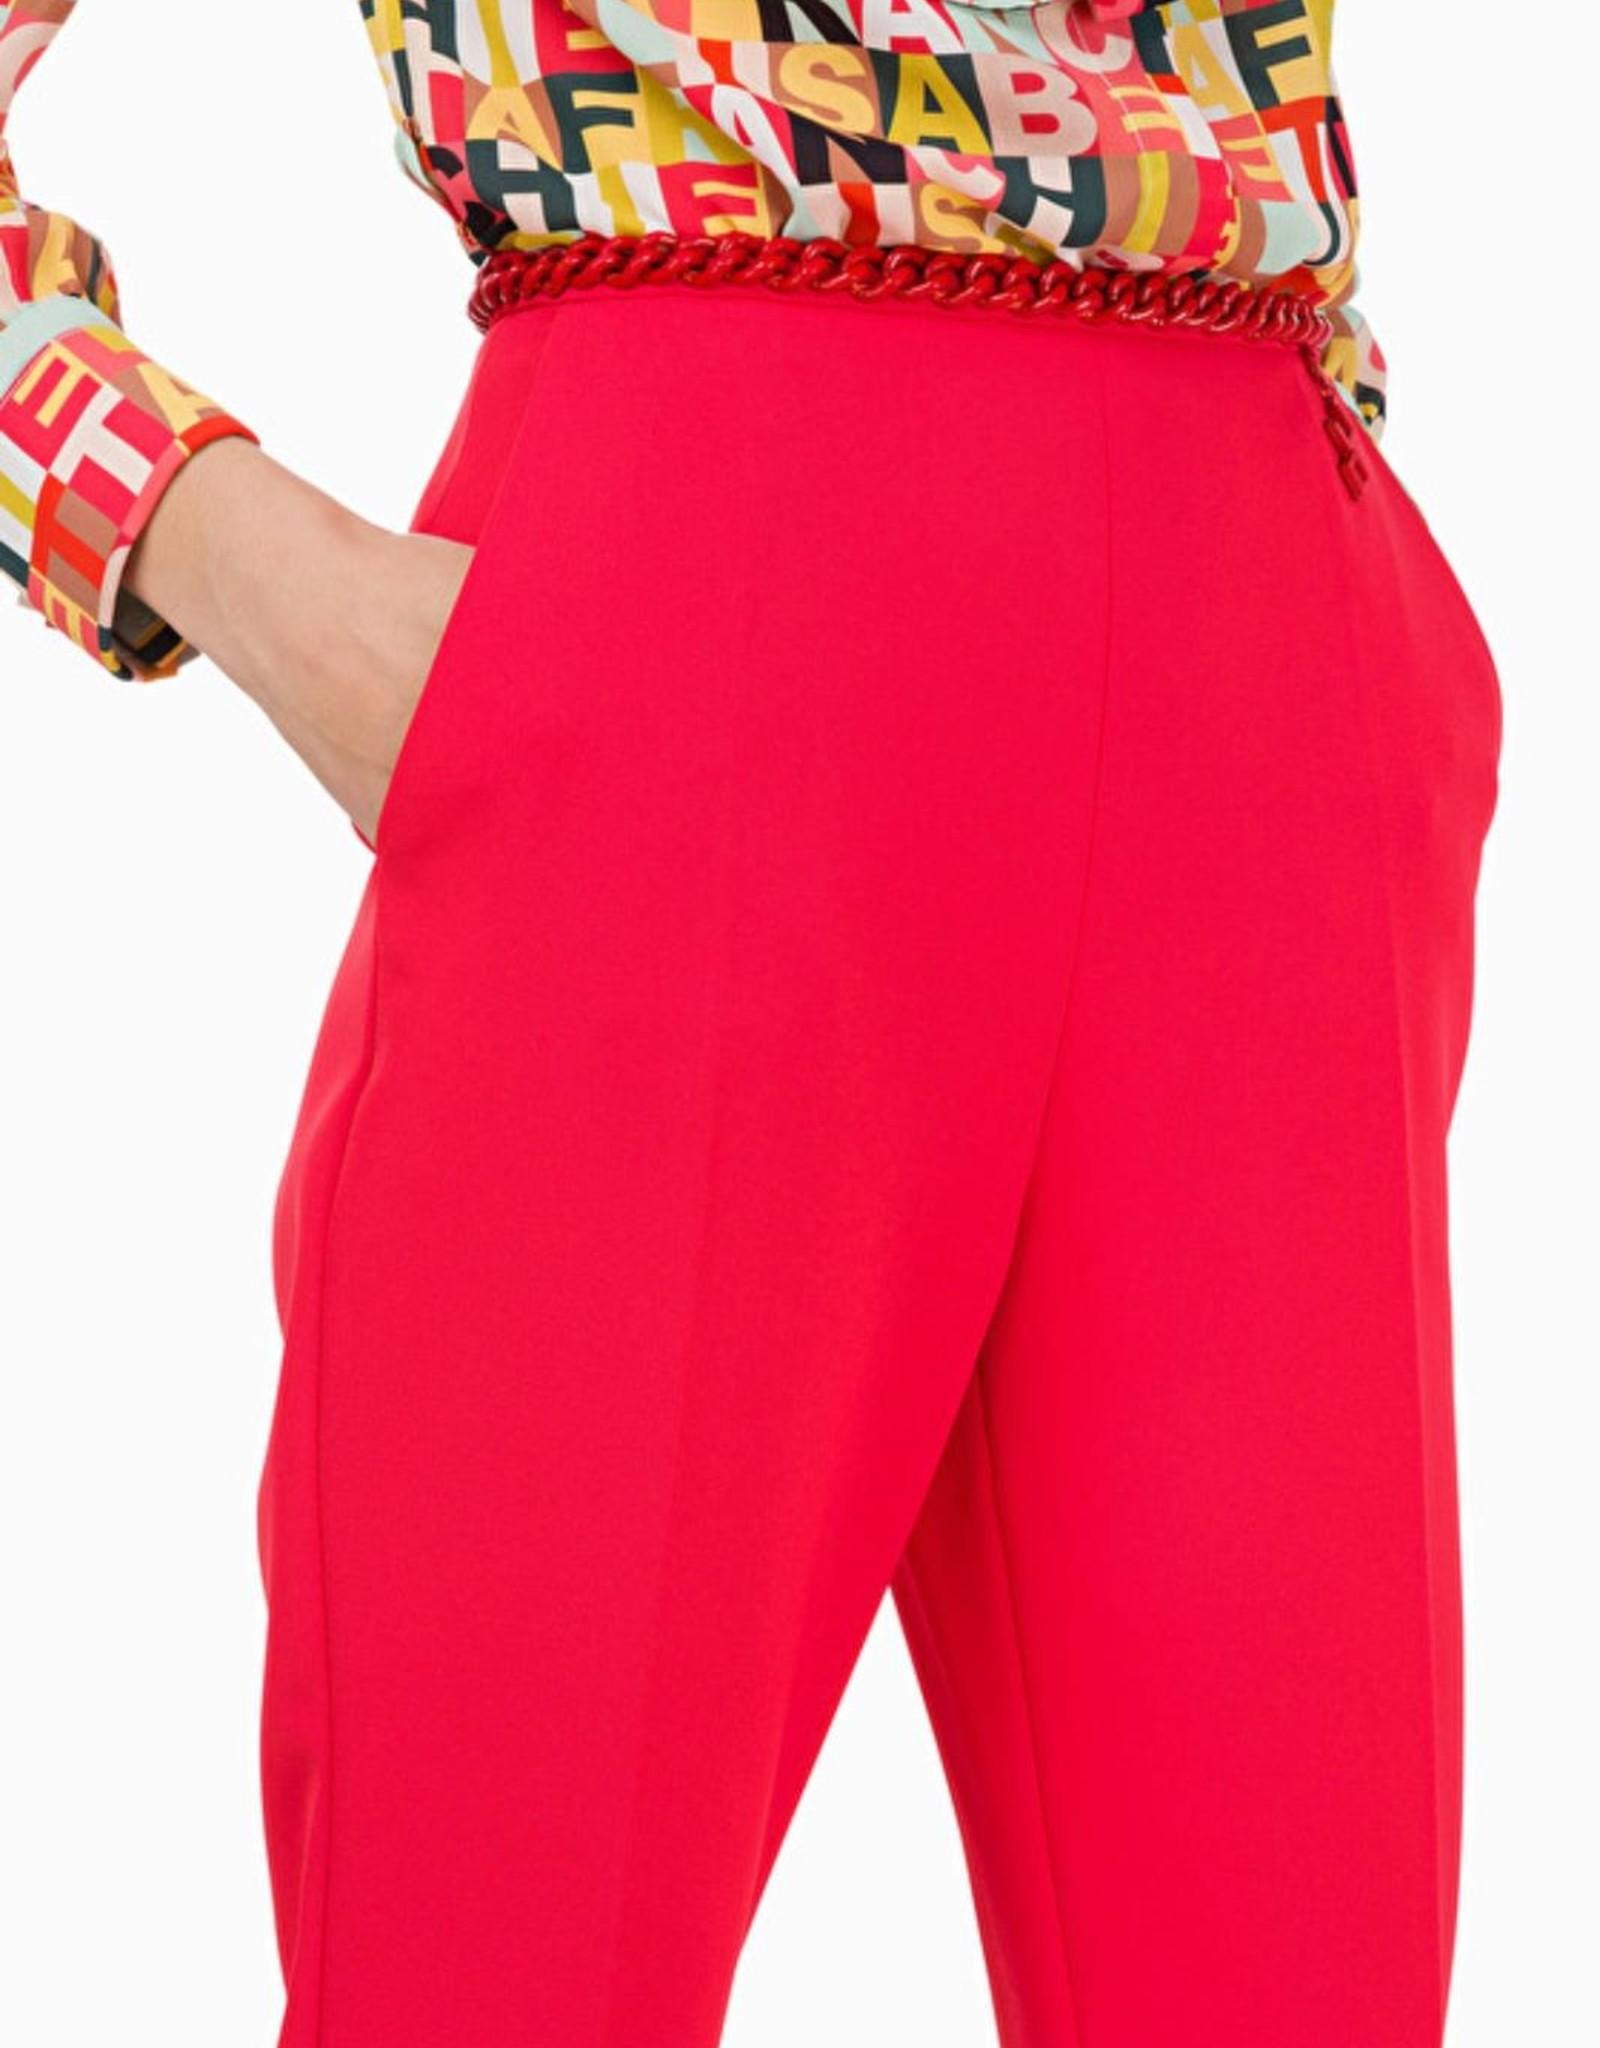 Elisabetta Franchi Women's pant's PA27792E2